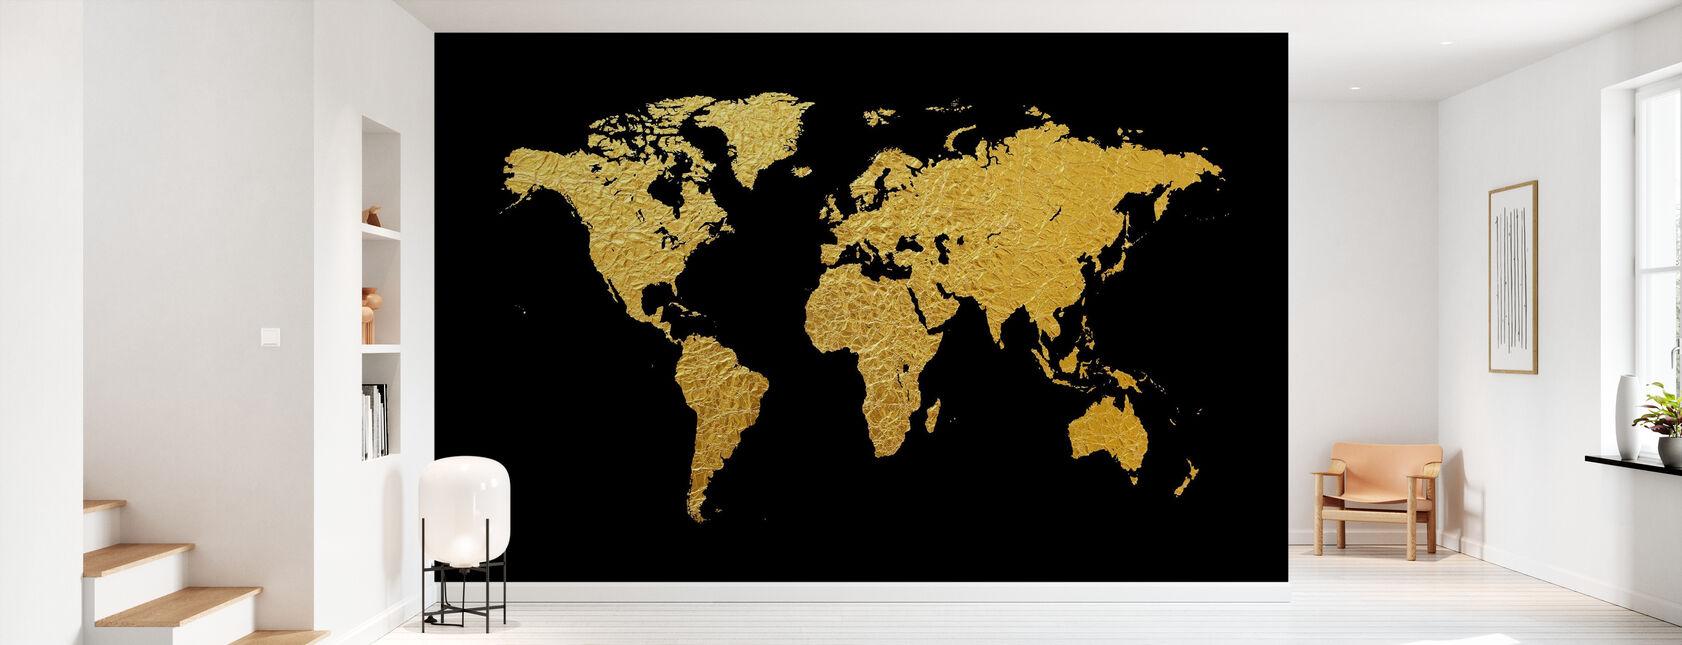 Kultainen maailmankartta mustalla taustalla - Tapetti - Aula